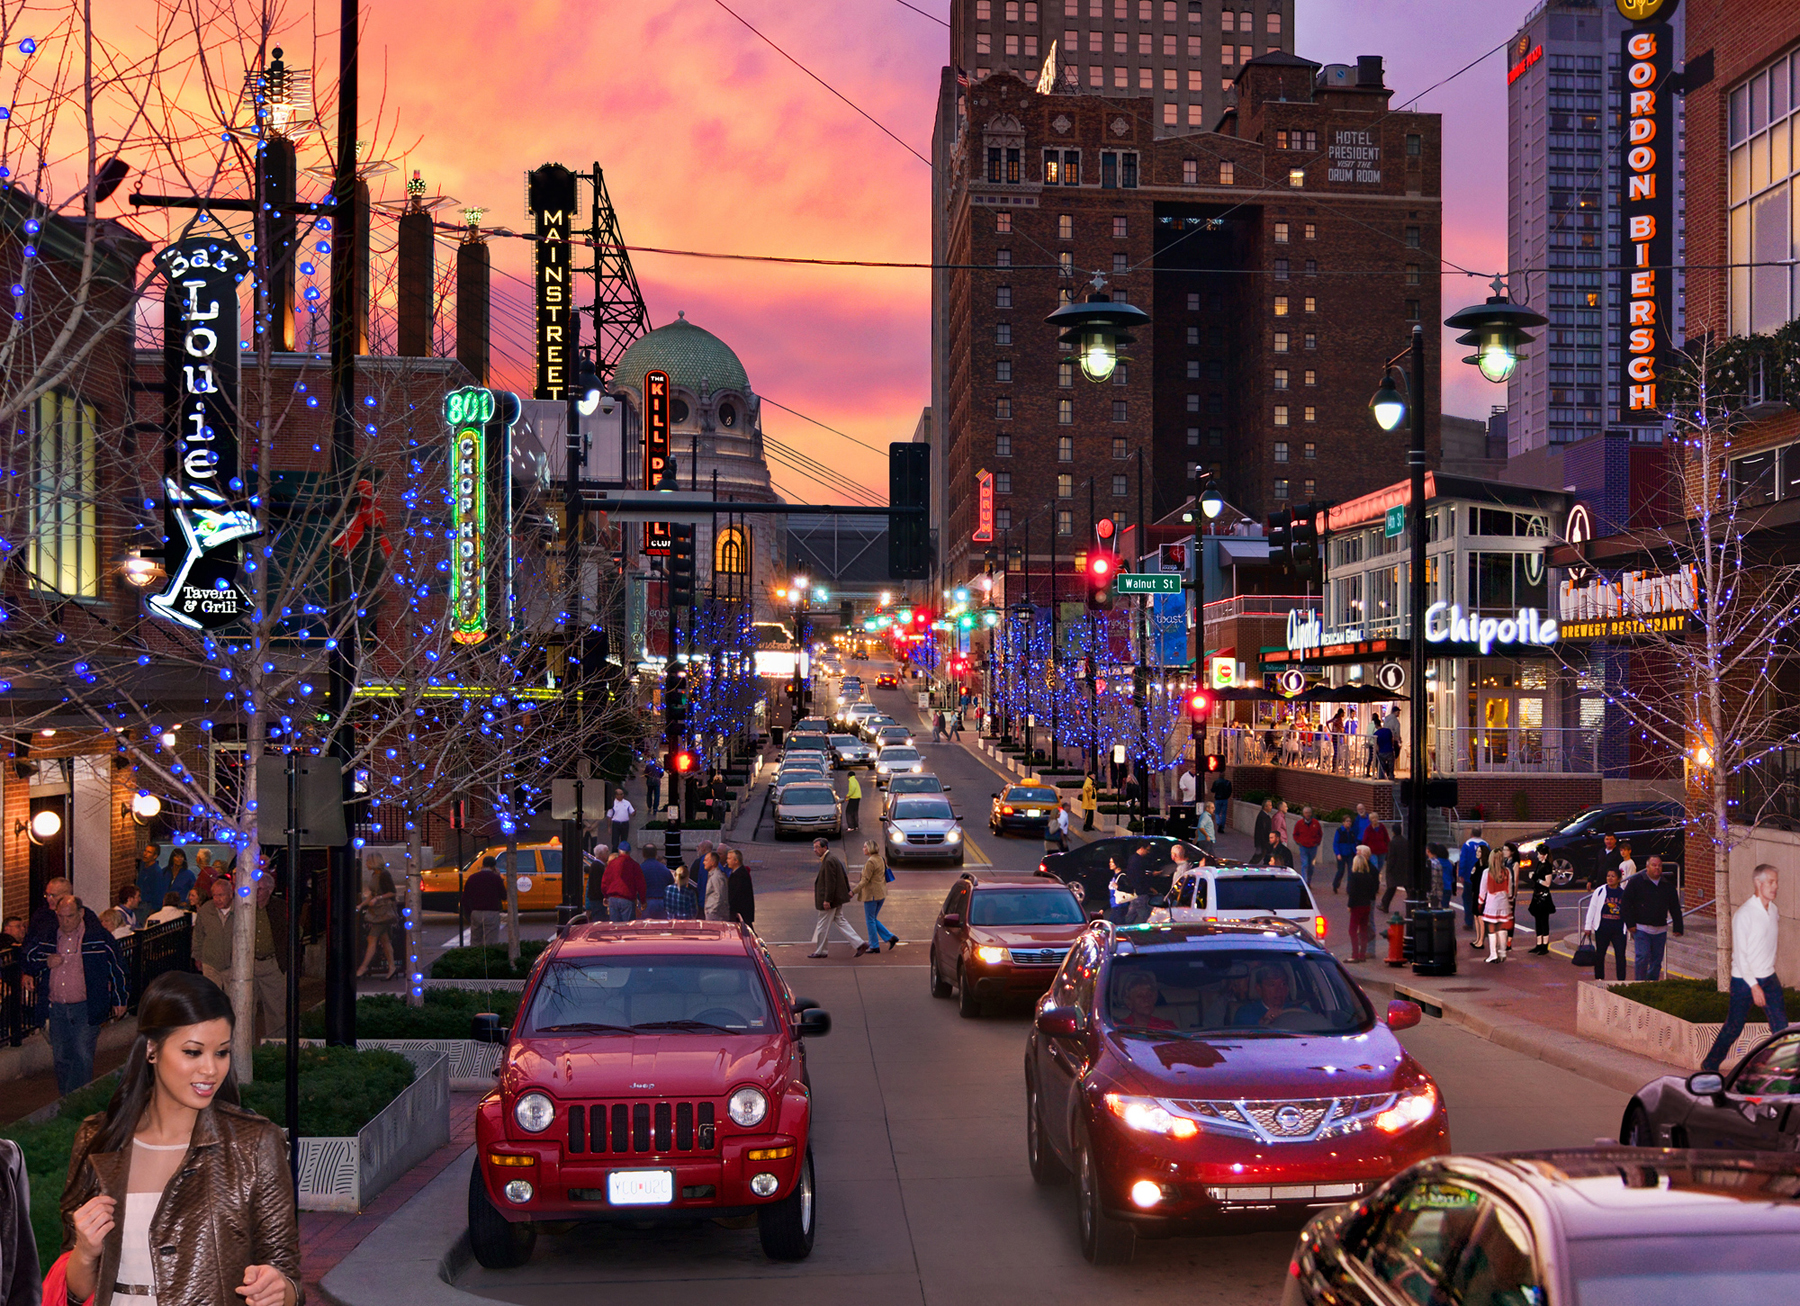 Downtown Kc Events Visit Kc